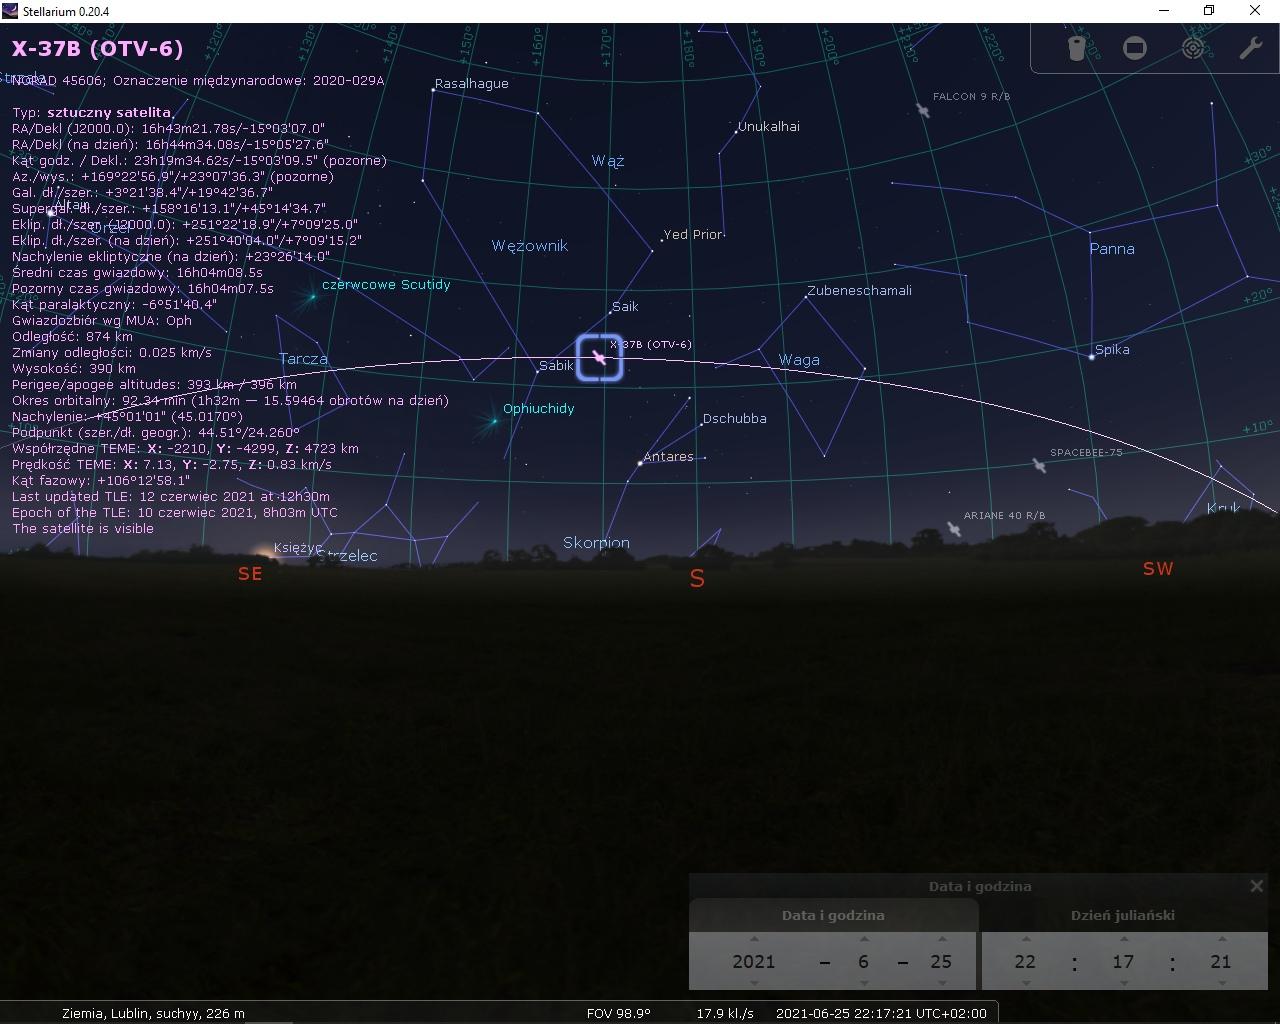 OTV-6_25-06-2021_22-17-21_Lublin_1.jpg.36c5041b75a0b6f2dbca801367cad366.jpg